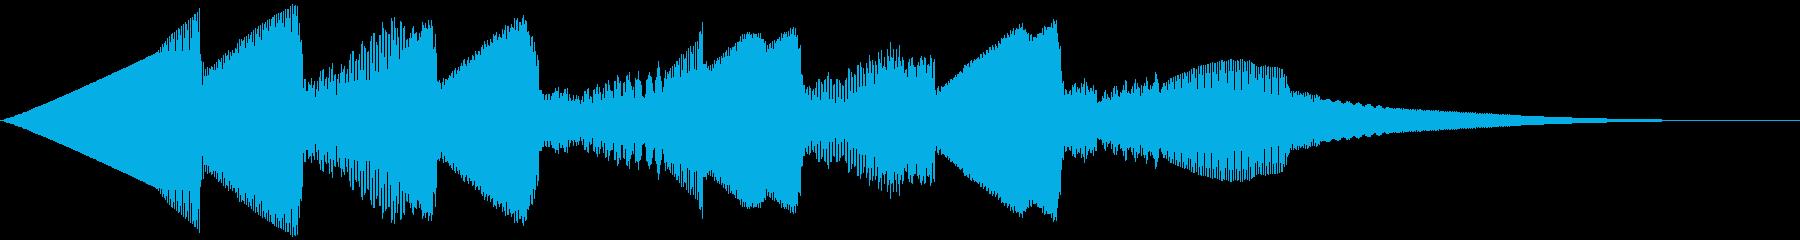 5秒CM用、ほのぼの家族verAの再生済みの波形